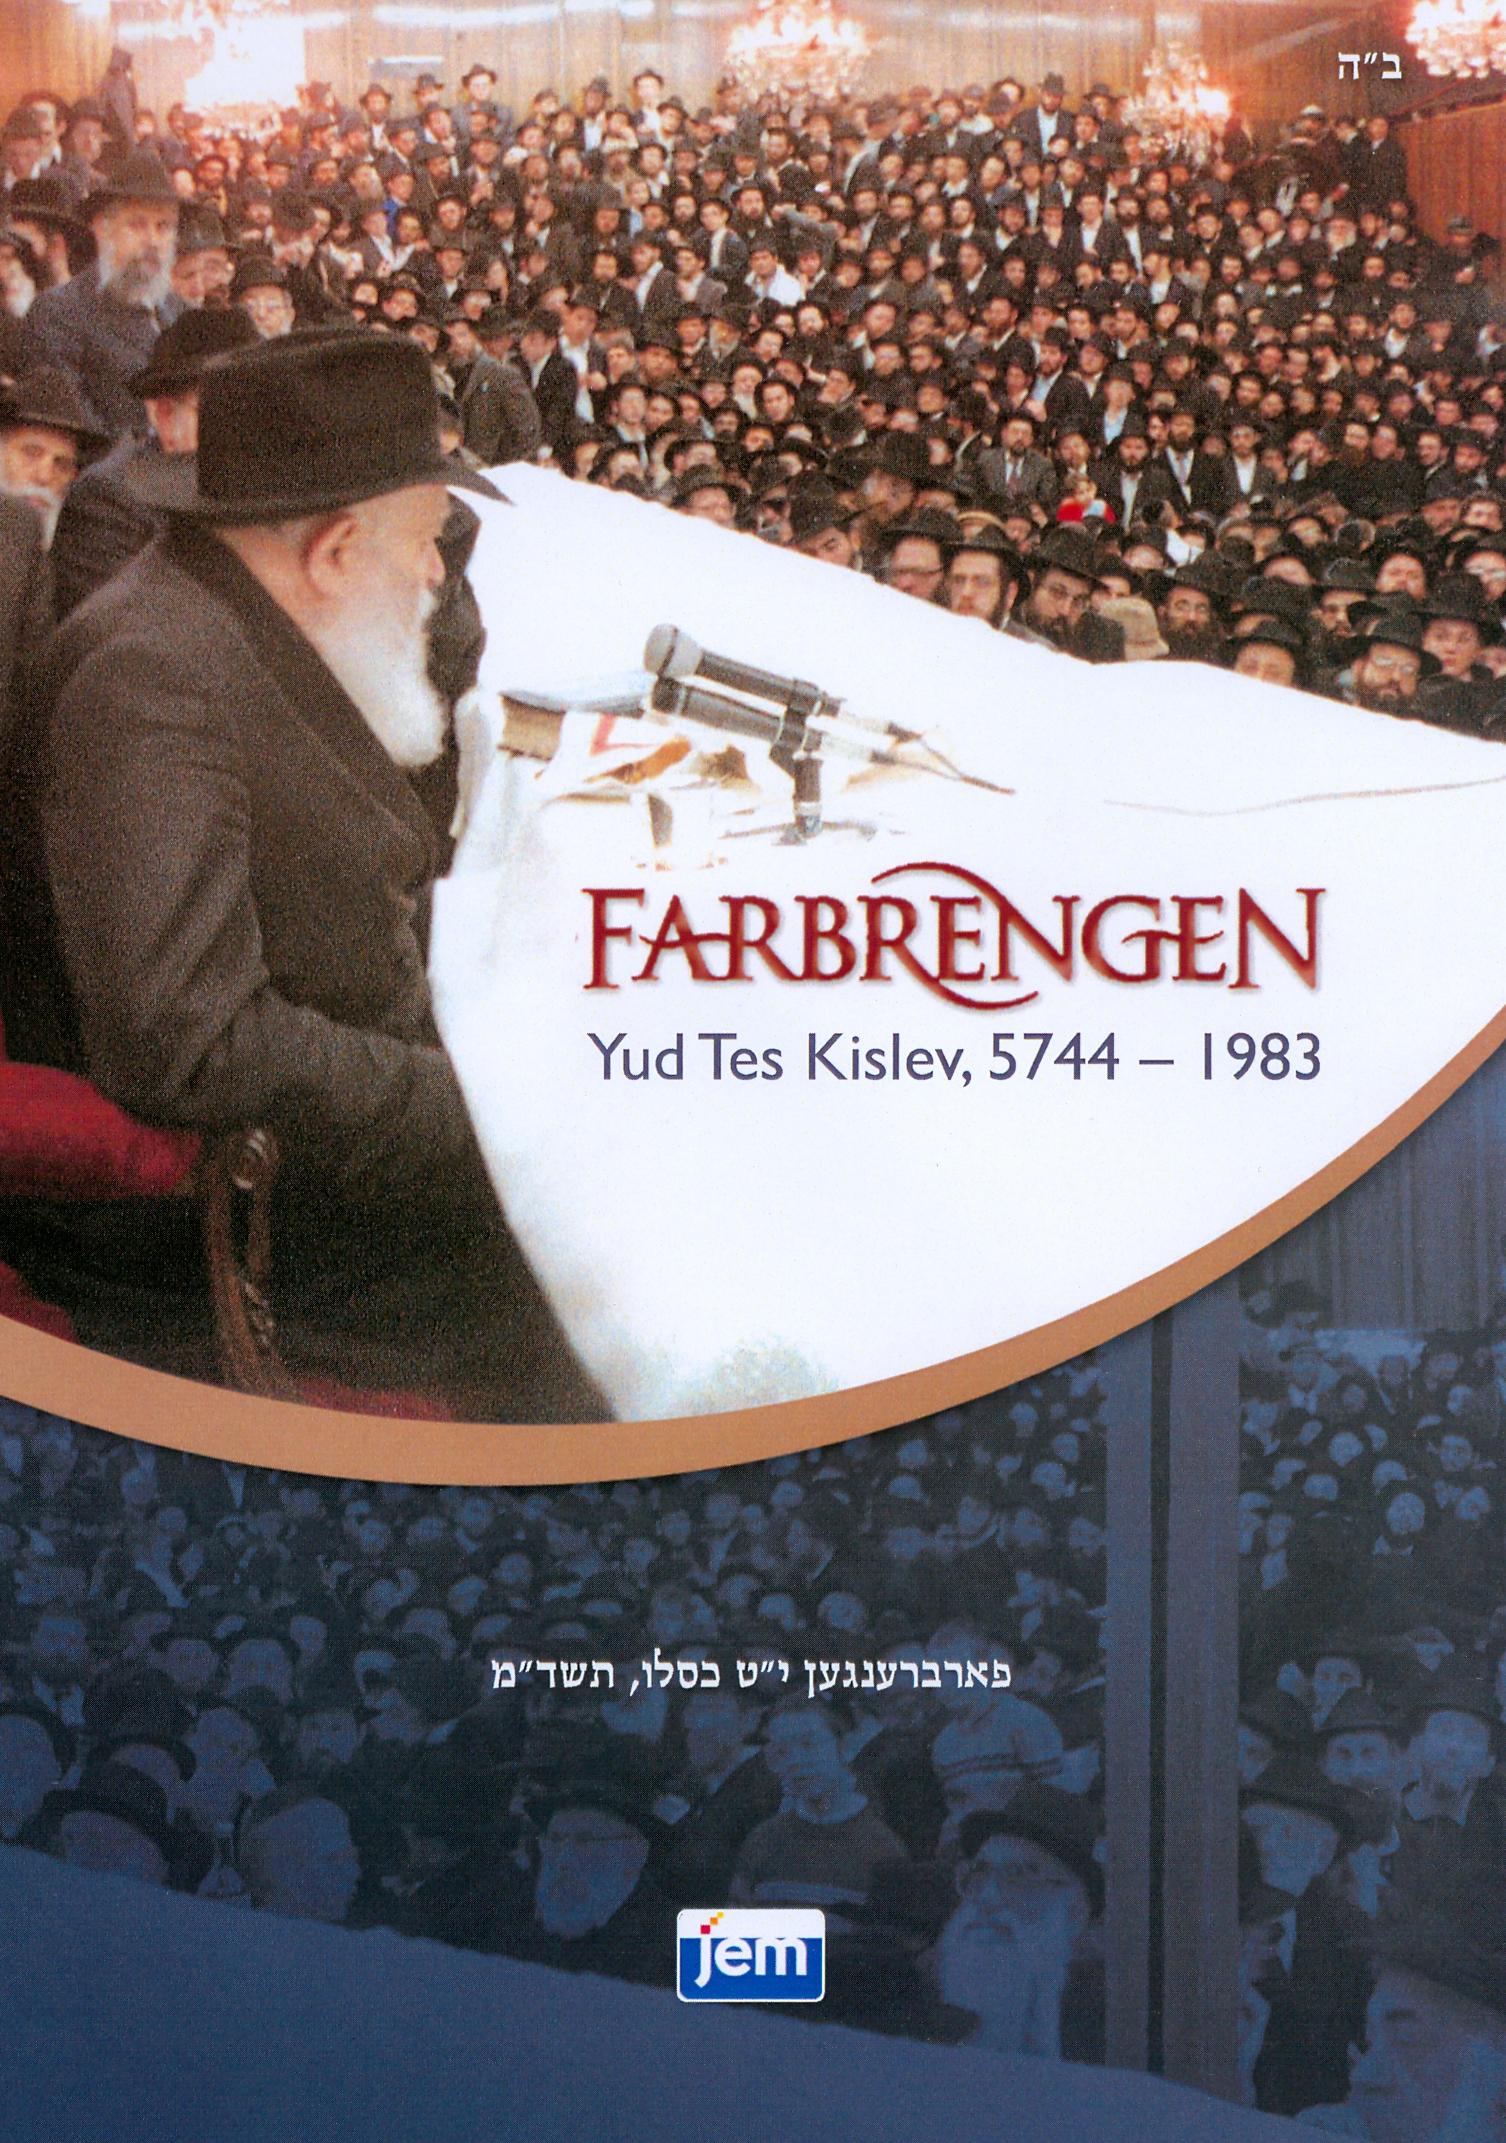 Farbrengen: Yud Tes Kislev, 5744-1983